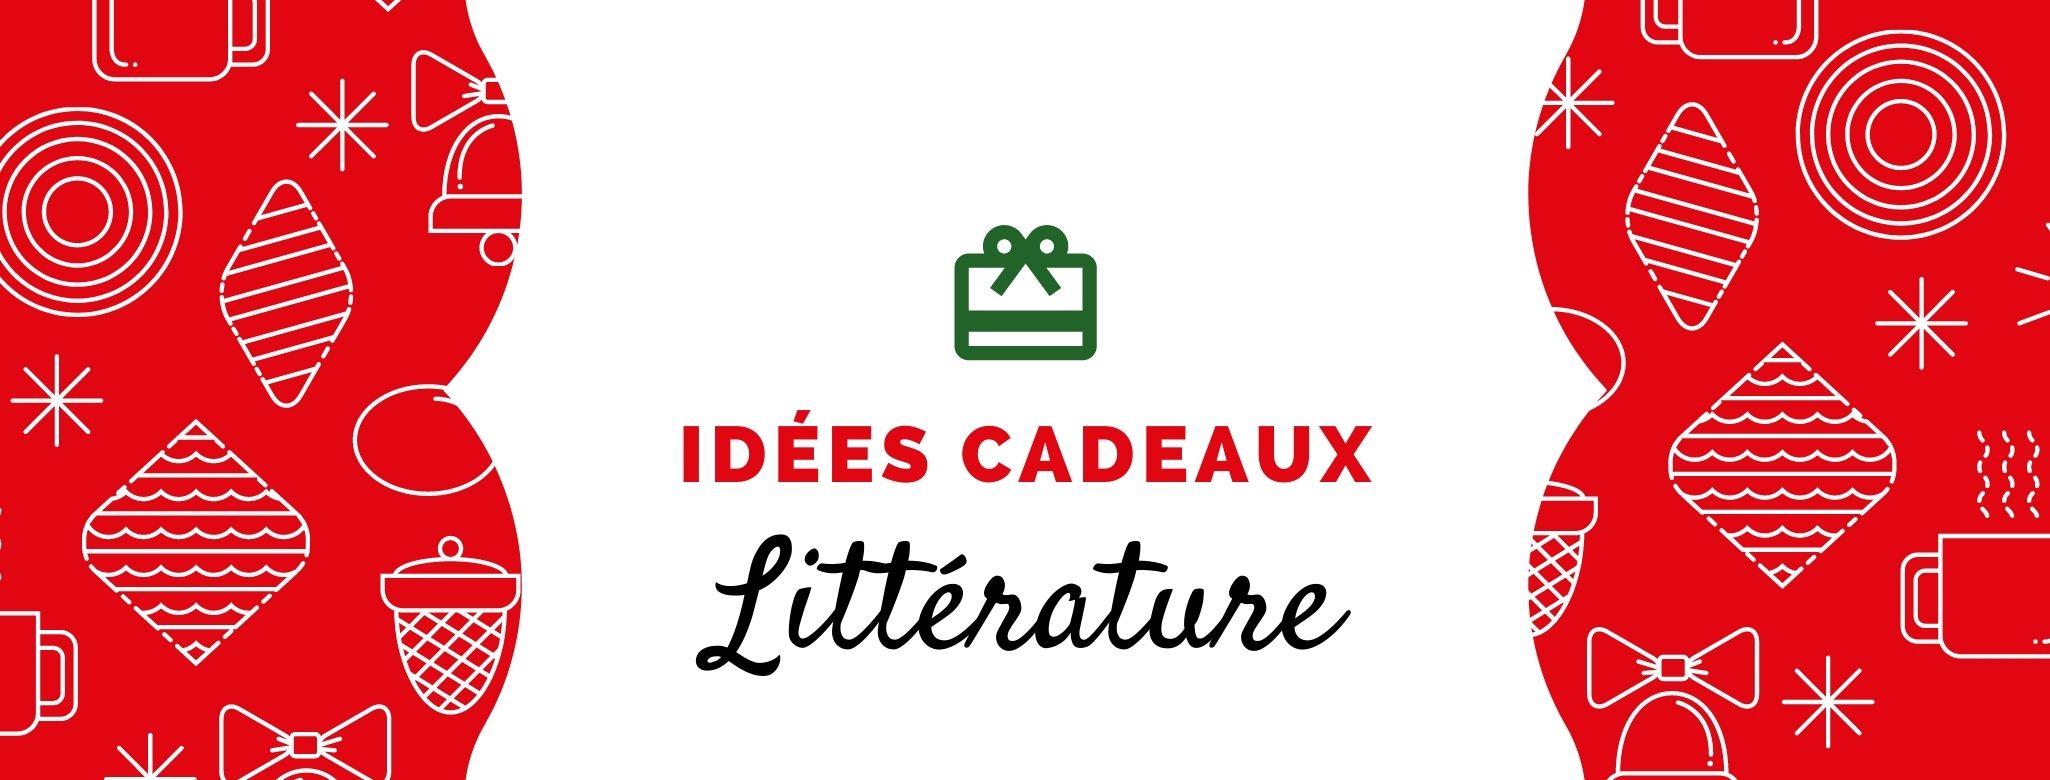 Idées cadeaux Littérature